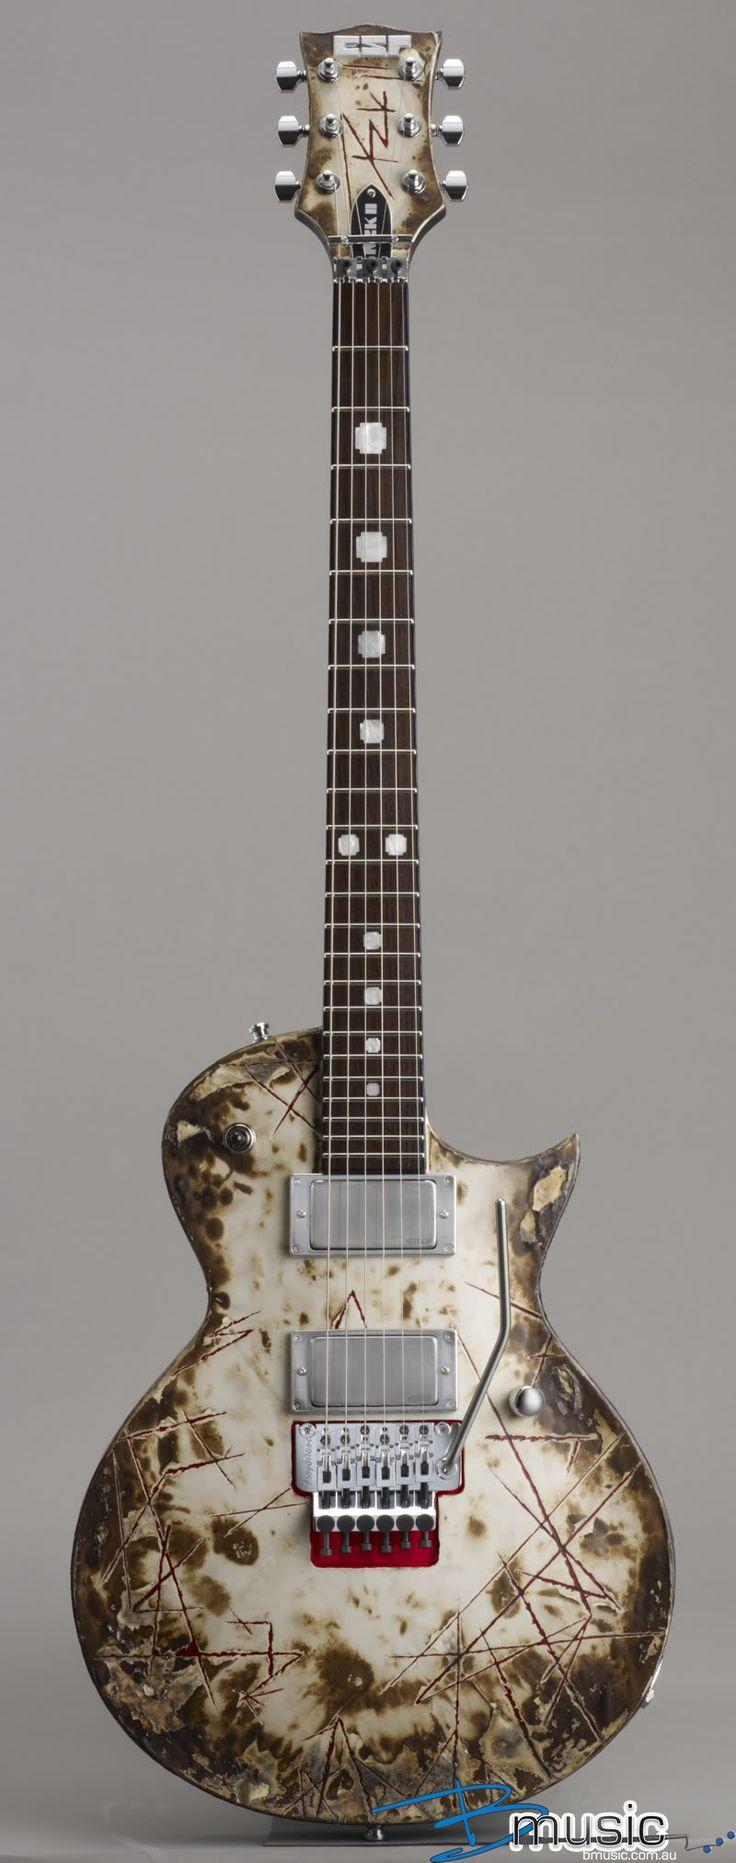 114 best guitar images on Pinterest | Bass guitars, Music guitar ...